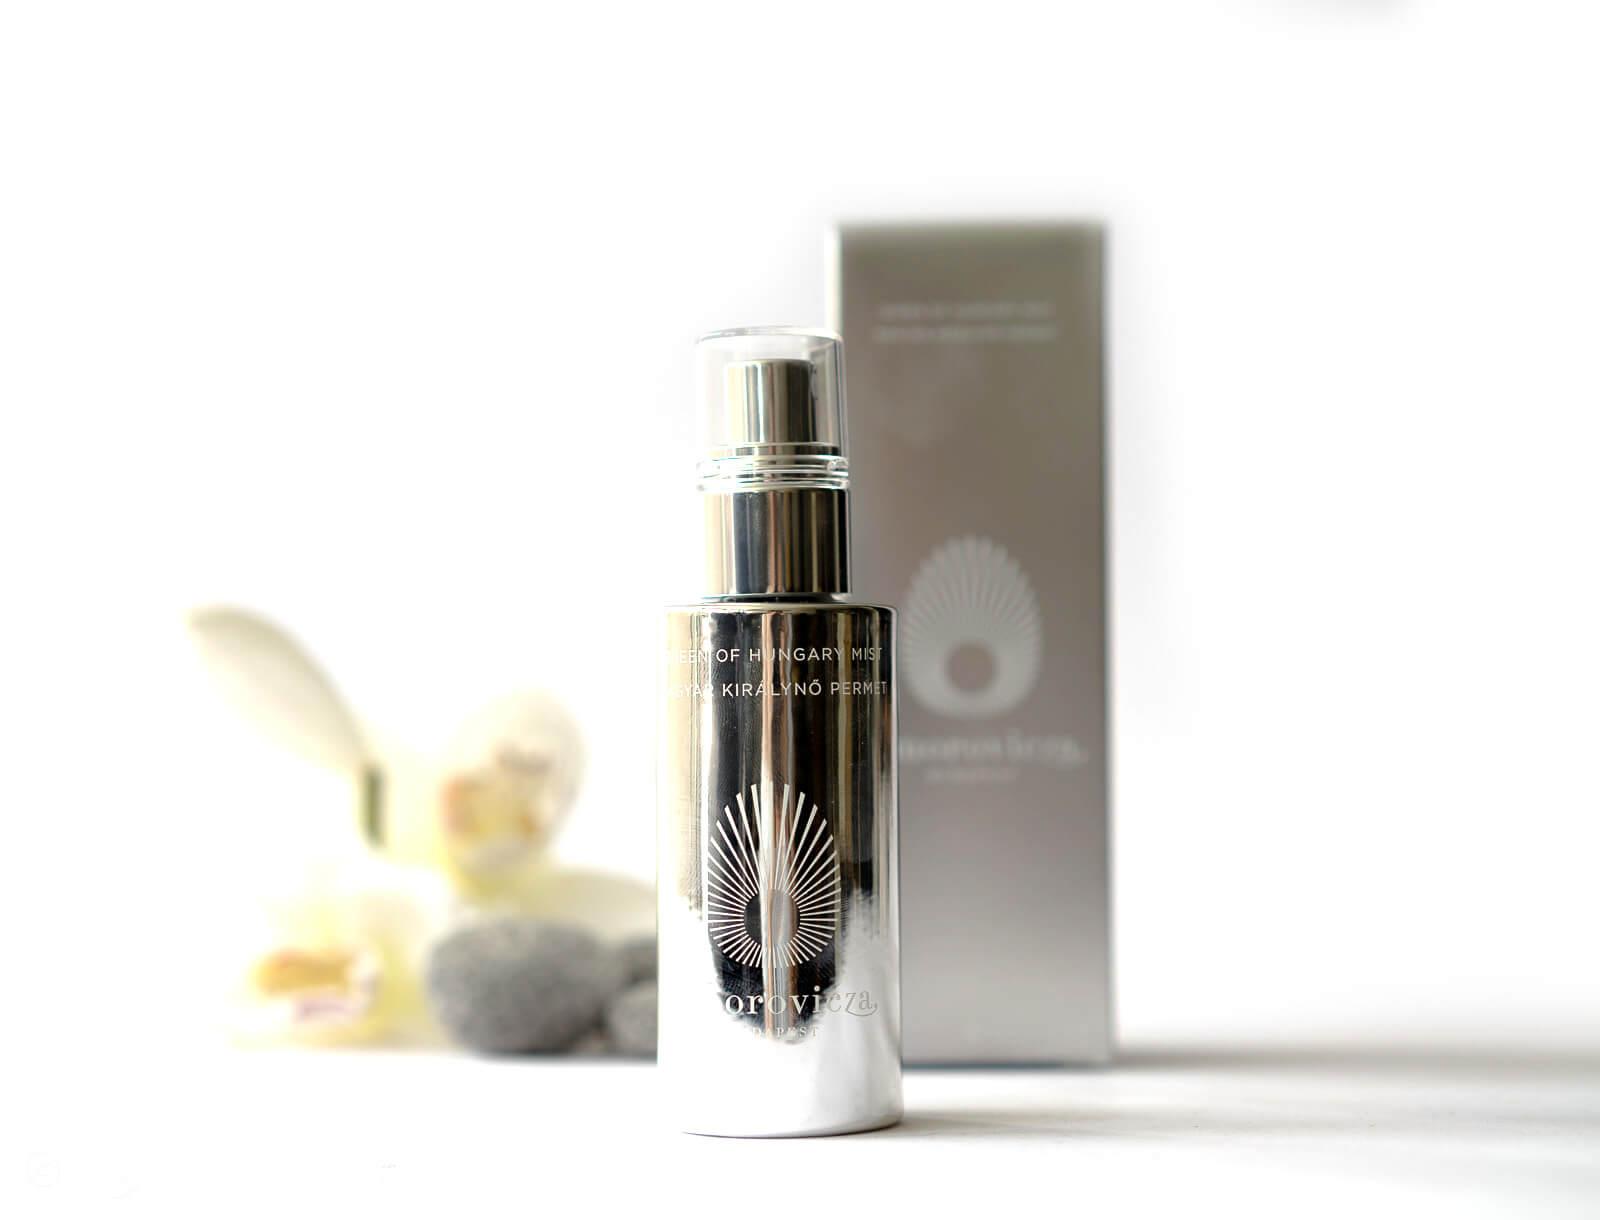 Feuchtigkeitsspendes Erfrischungsspray - Queen of Hungary - Mist Limited Edition von Omorovicza